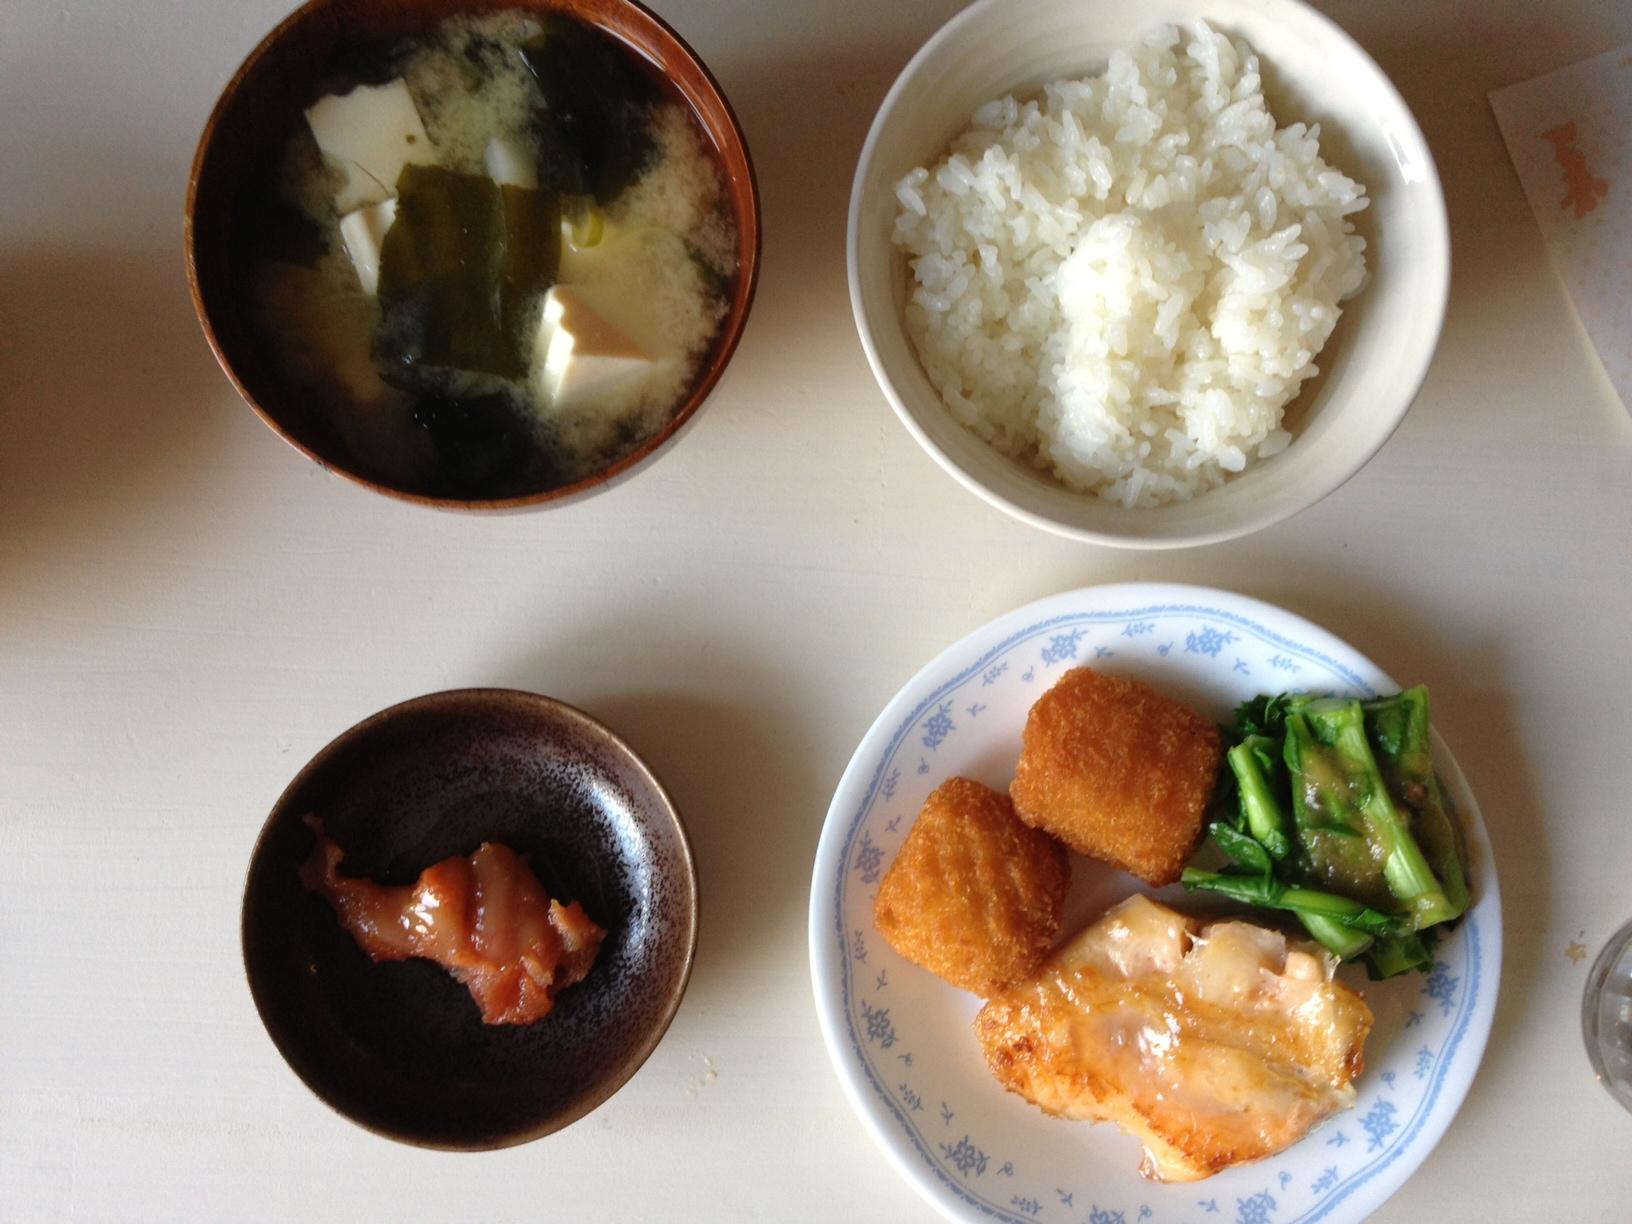 평일의 아침식사. 미소시루, 연어구이, 생선카츠..